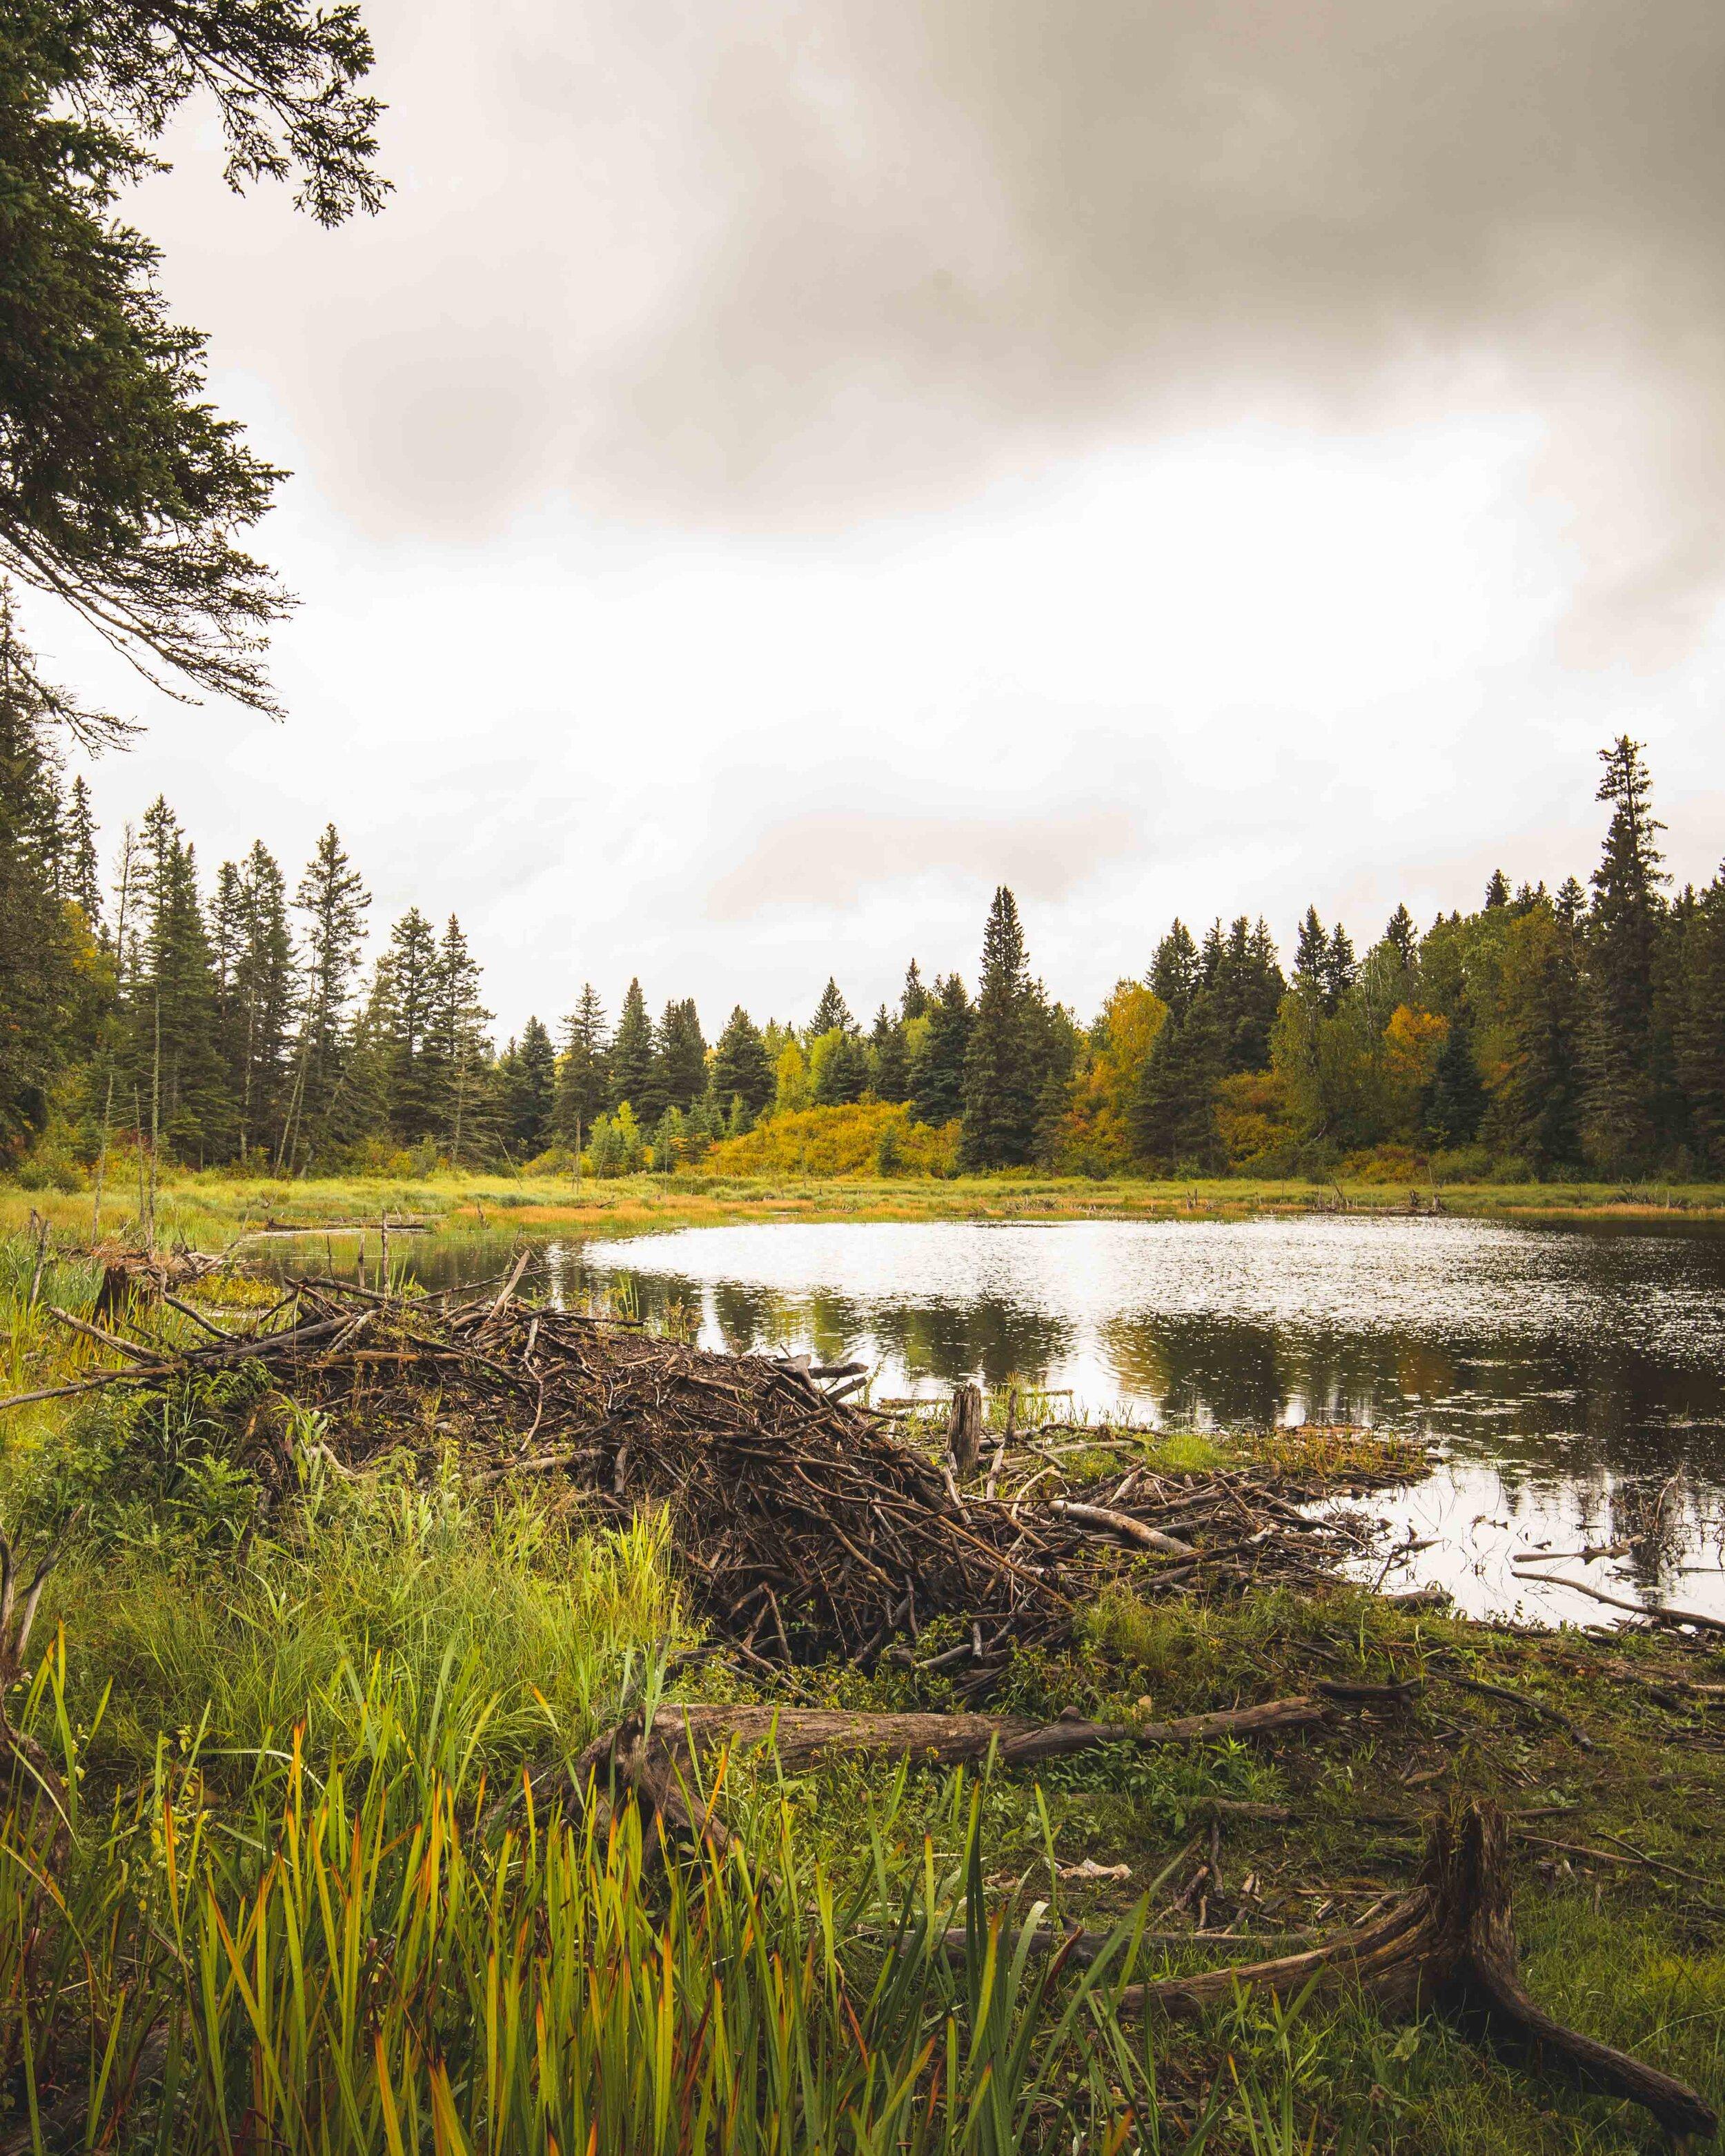 The Beaver Lodge at Bead Lake